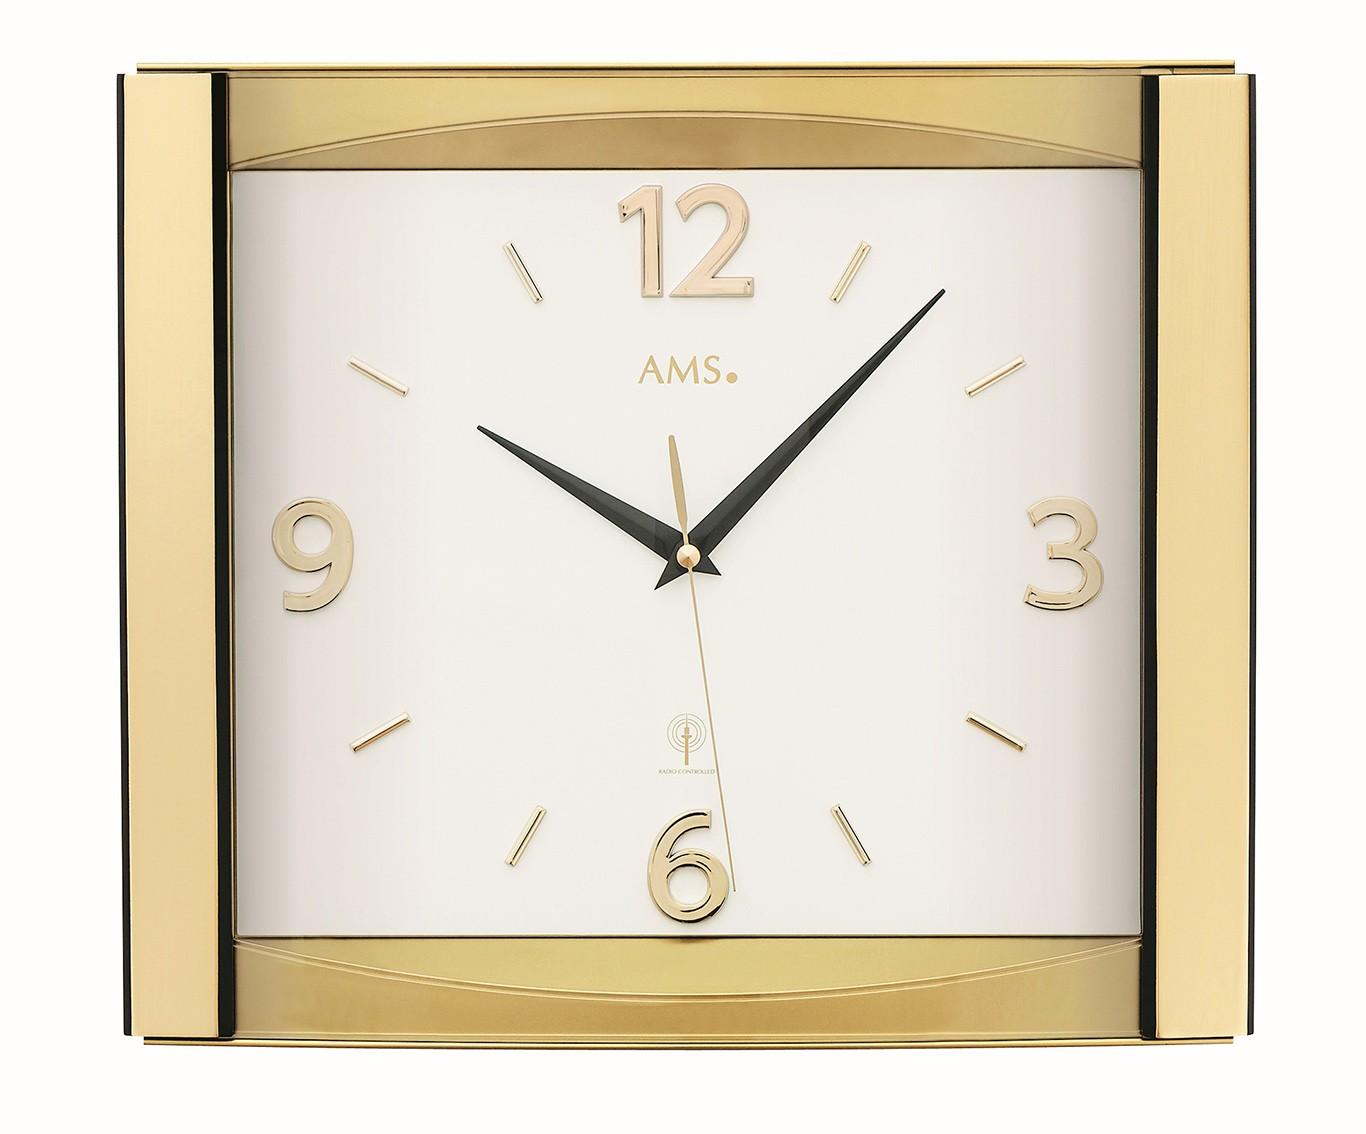 AMS Wandklok goudkleurig zendergestuurd 5613